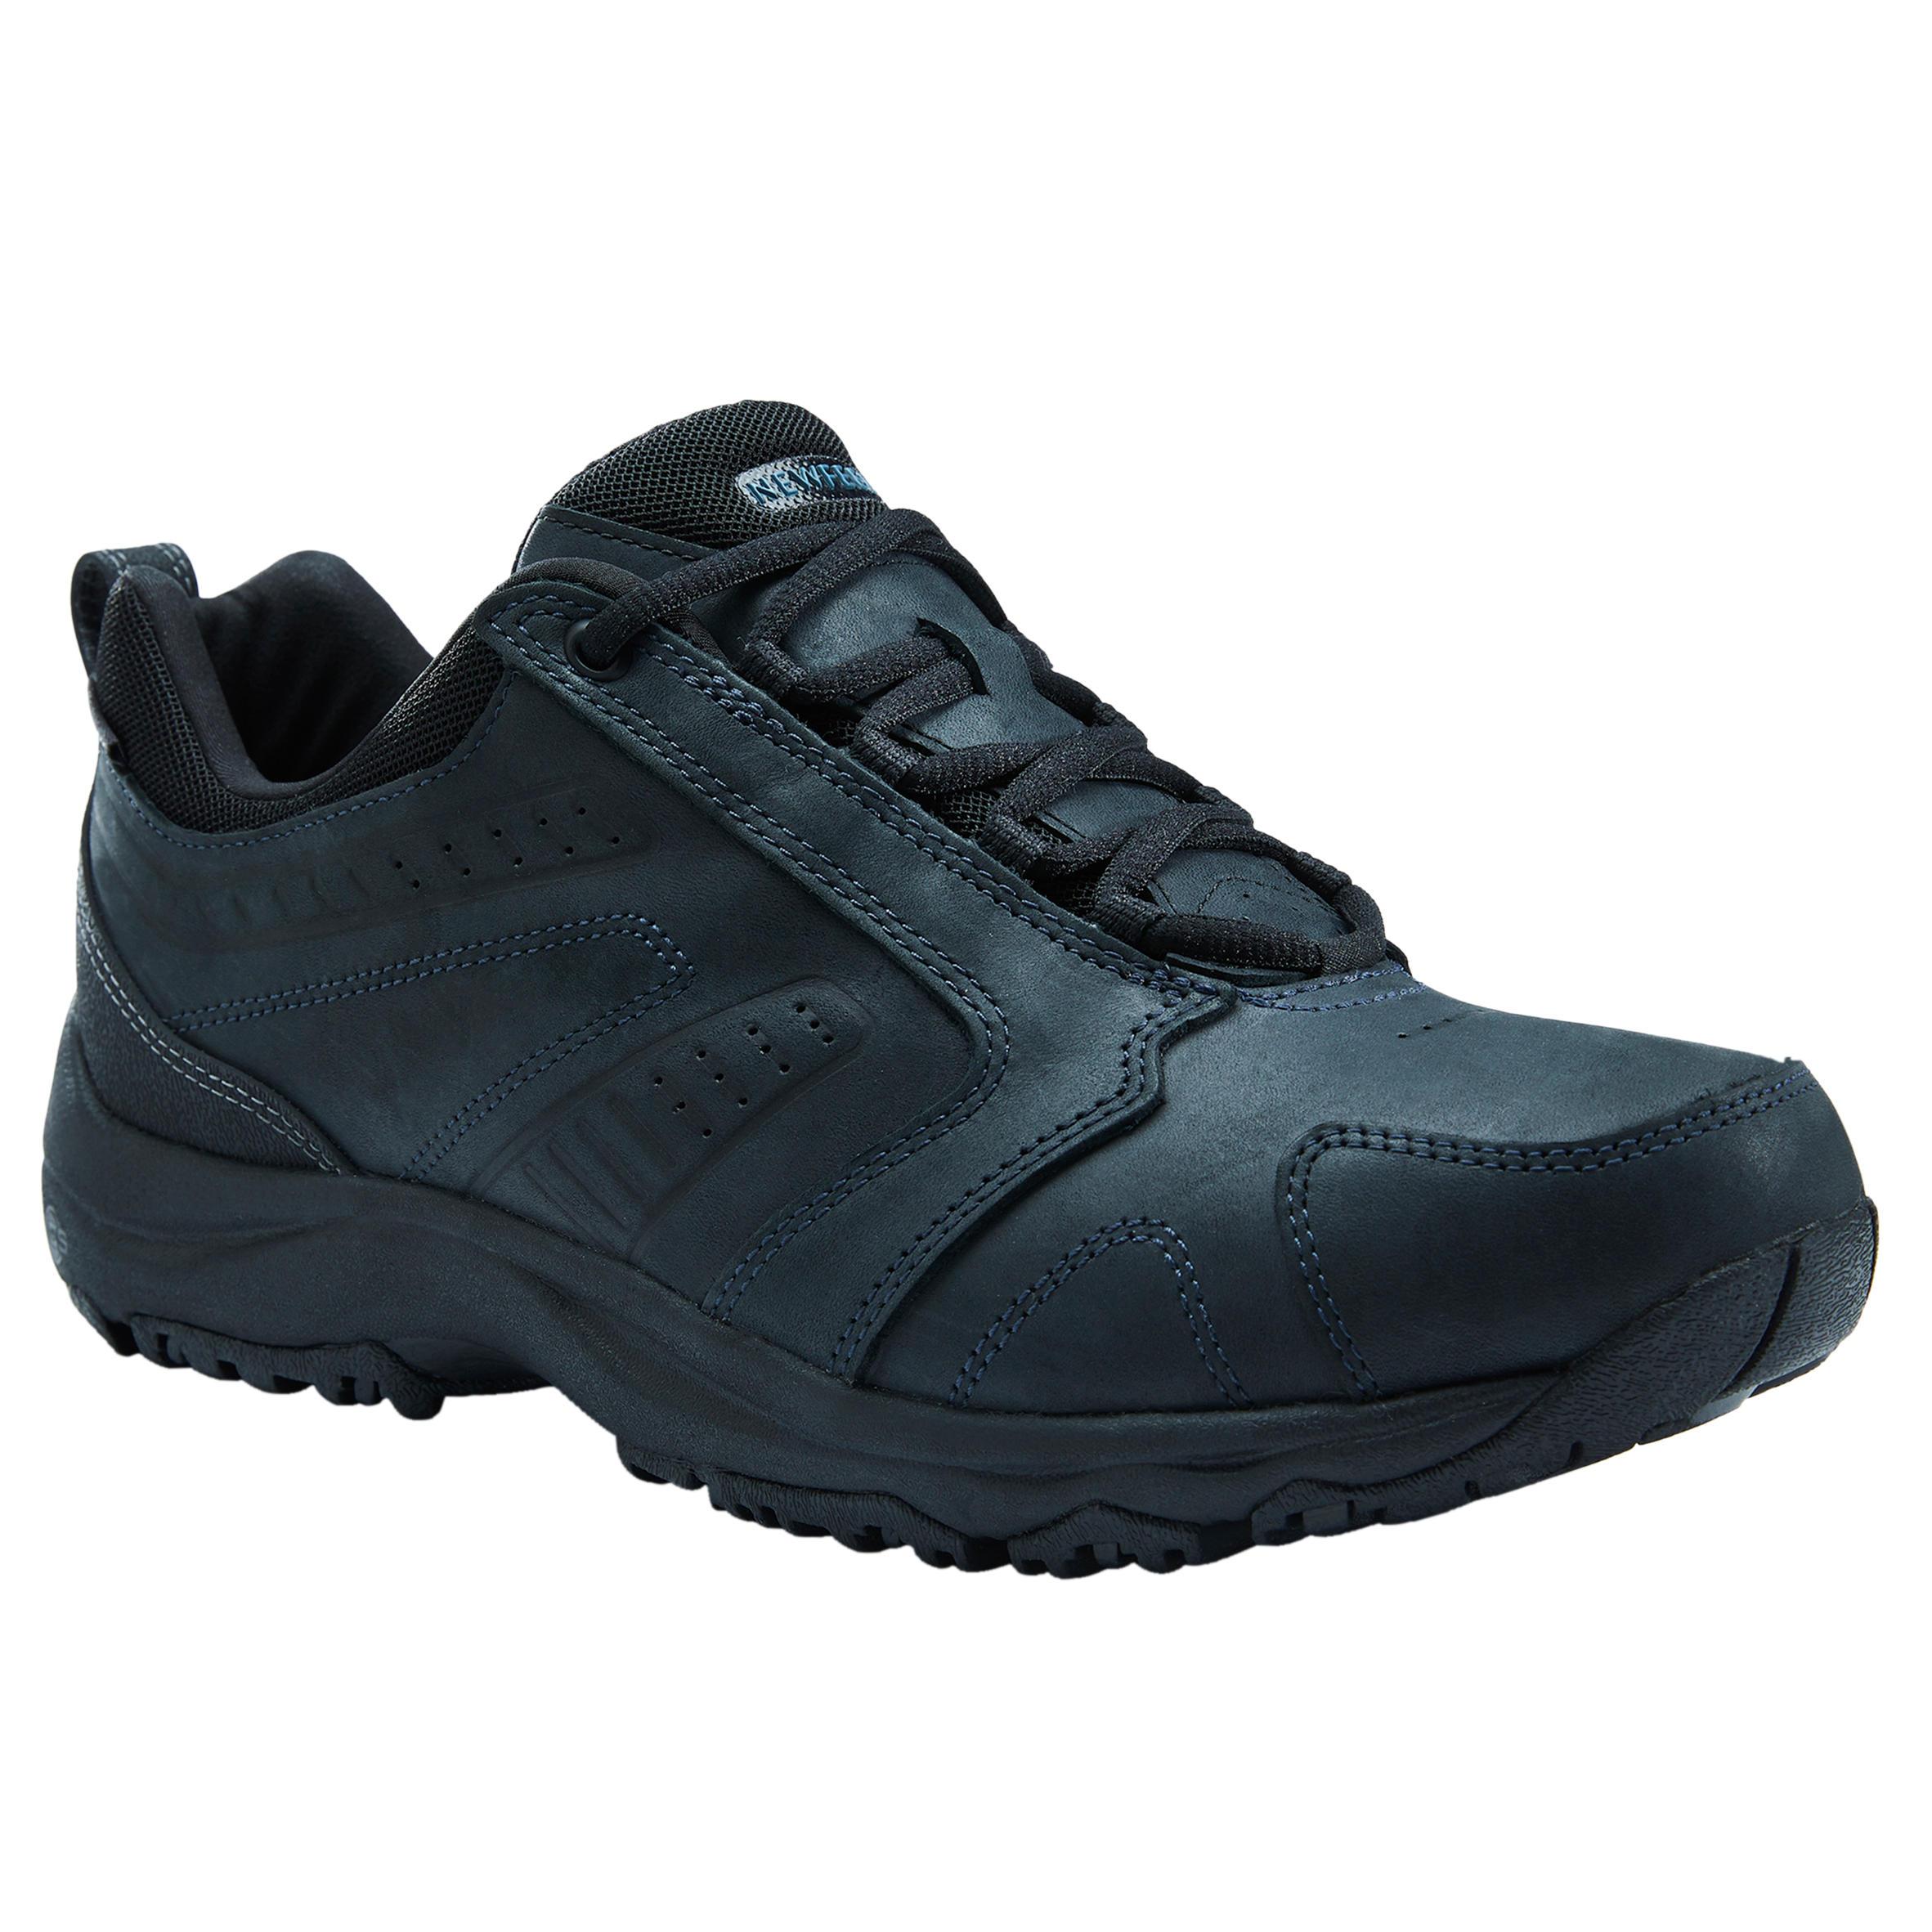 NEWFEEL Chaussures marche sportive homme Nakuru Waterproof imperméable cuir noir - NEWFEEL - 39